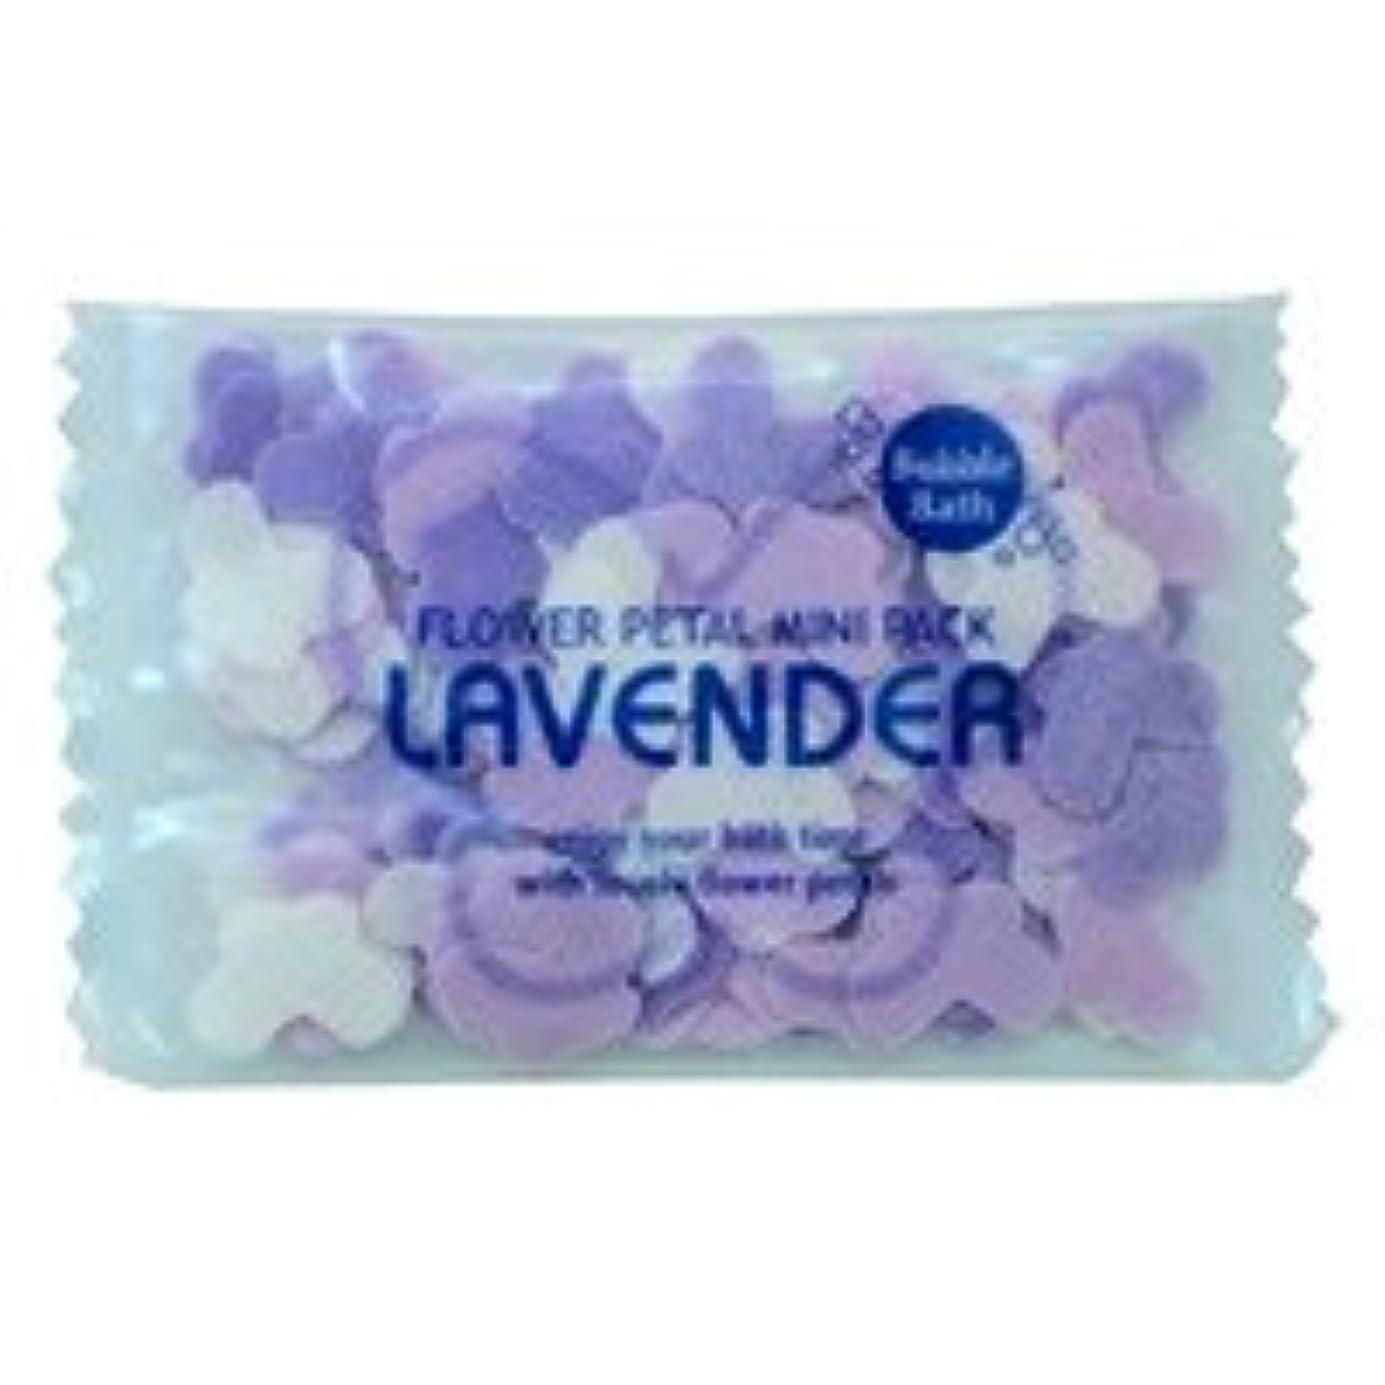 特派員絶壁フレアフラワーペタル バブルバス ミニパック「ラベンダー」20個セット ゆったりリラックスしたい日に心を癒してくれるやさしいラベンダーの香り